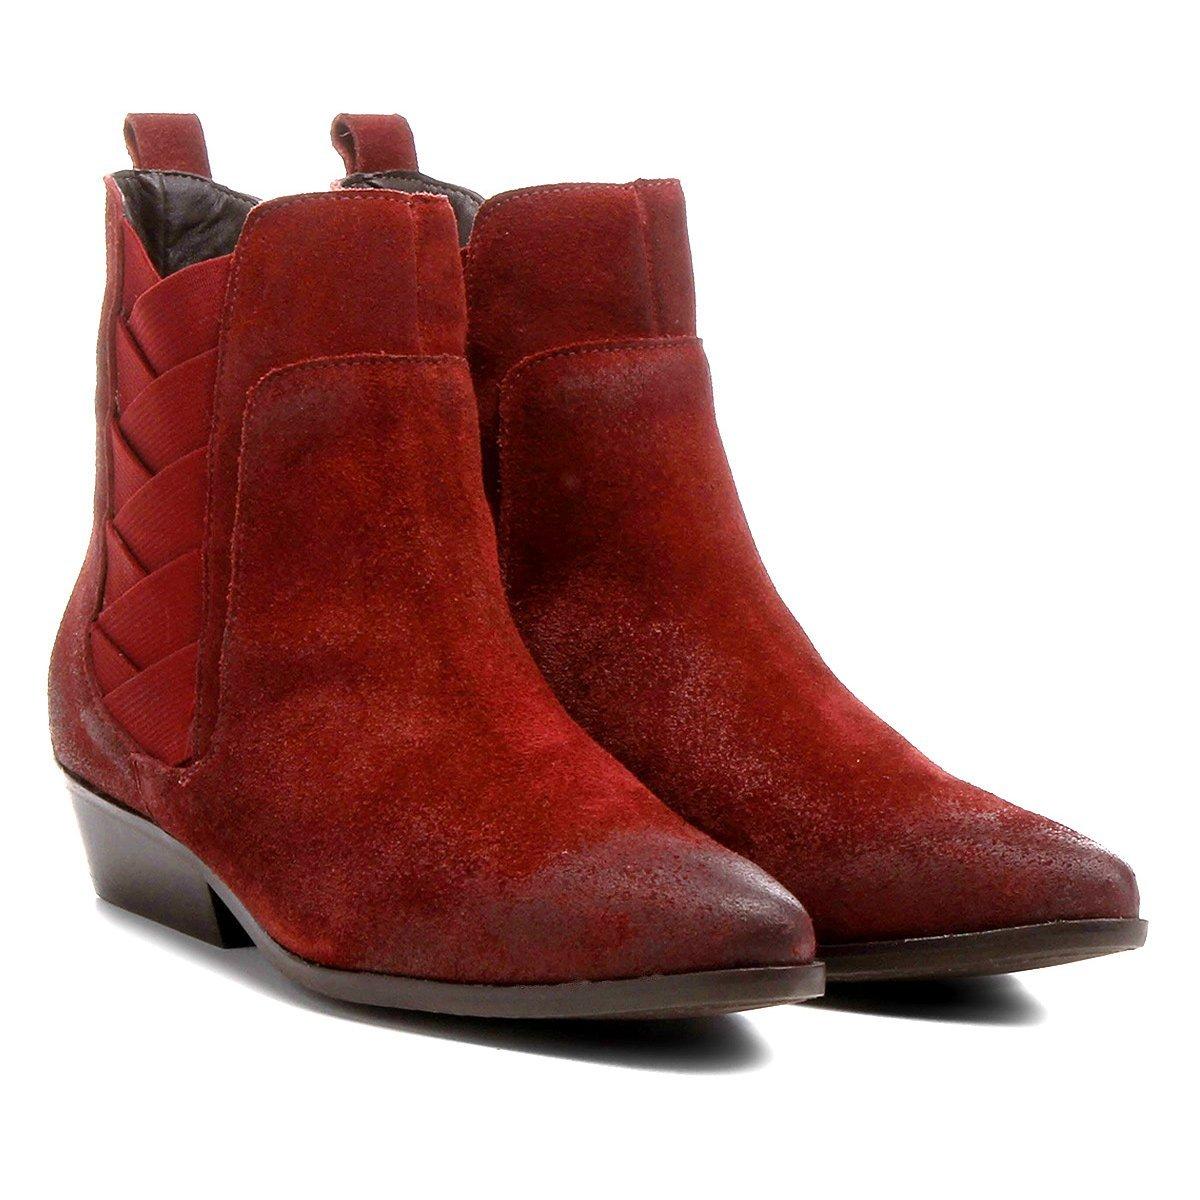 e7dfd8967 35%OFF Bota Couro Chelsea Shoestock Bico Fino Elásticos Transpassados  Femini.